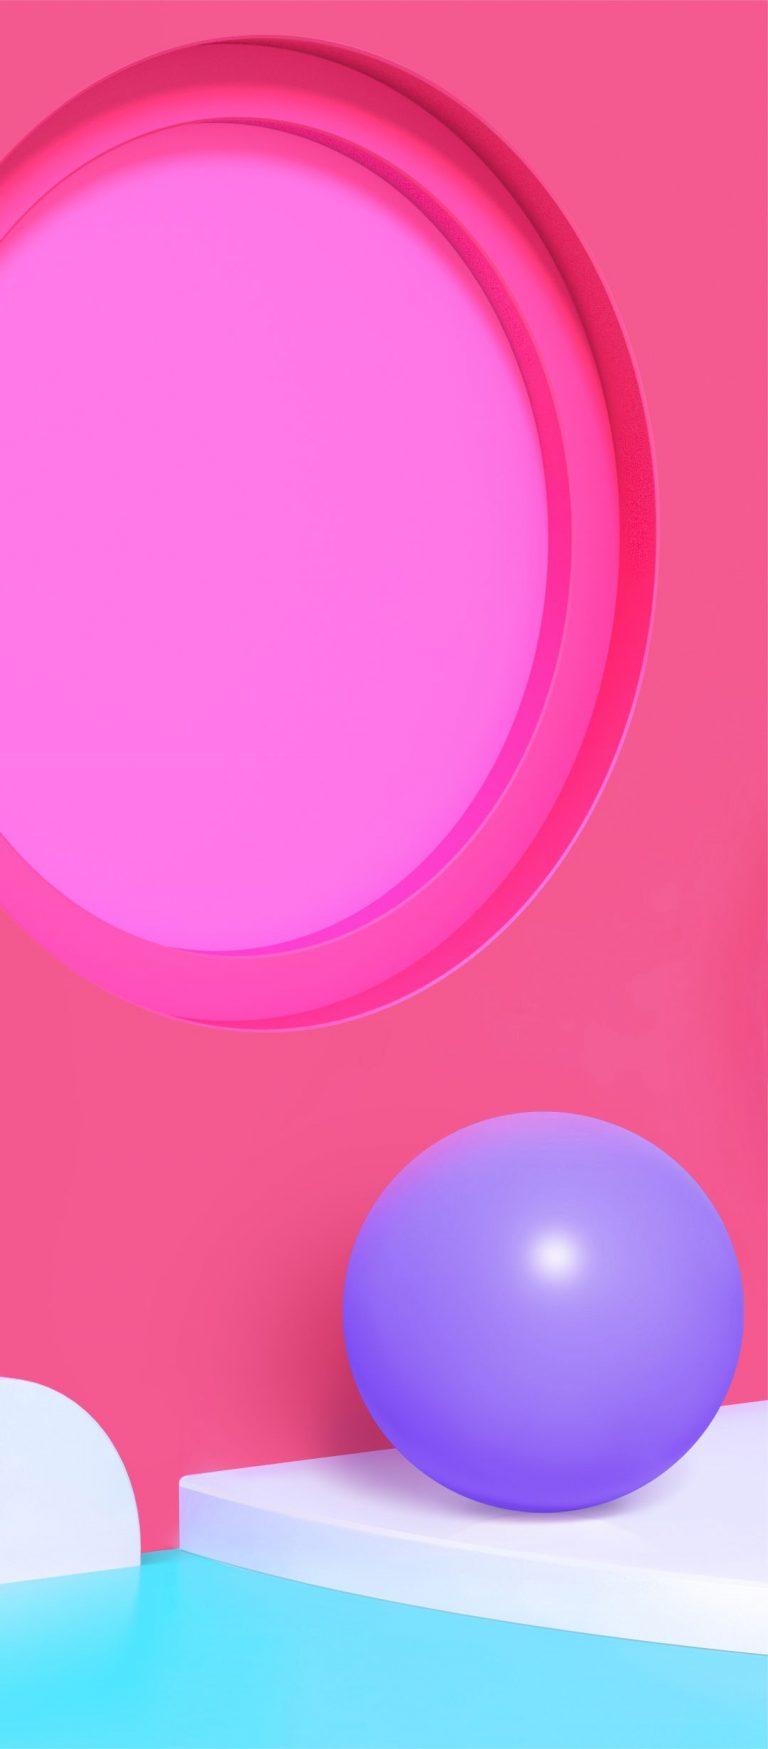 LG Velvet Stock Wallpaper [1080x2460] - 09